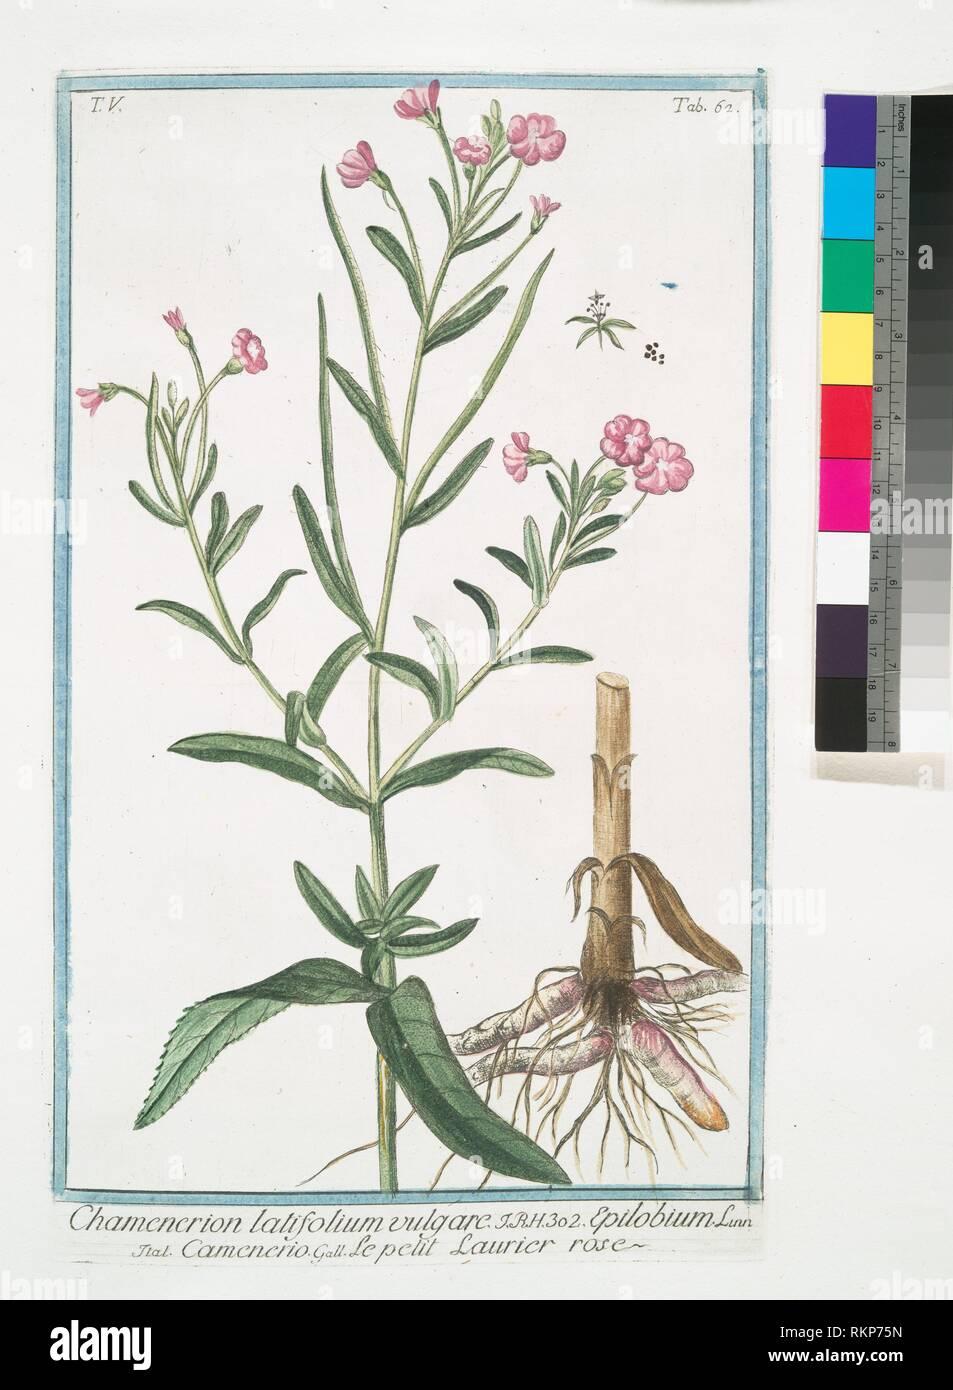 Chamenerion latifolium vulgare = Epilobium = Camenerio = Le petit Laurier rose. [Willow-weed]. Bonelli, Giorgio (b. 1724) (Author) Martelli, Niccoló Stock Photo